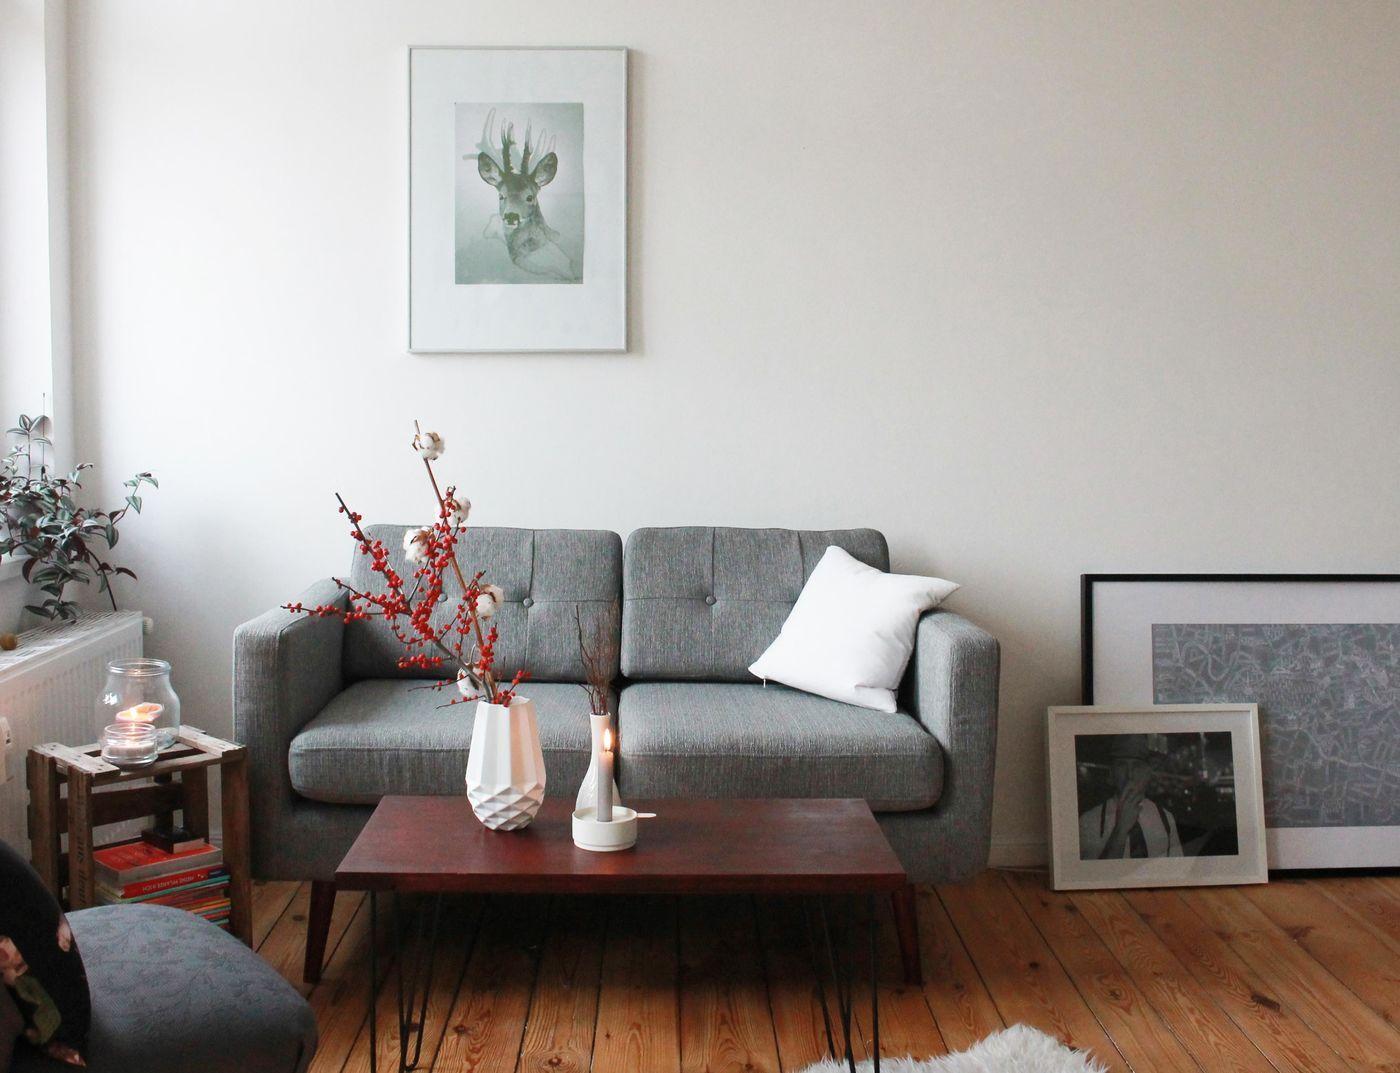 kleines wohnzimmer groes sofa interesting kleines. Black Bedroom Furniture Sets. Home Design Ideas